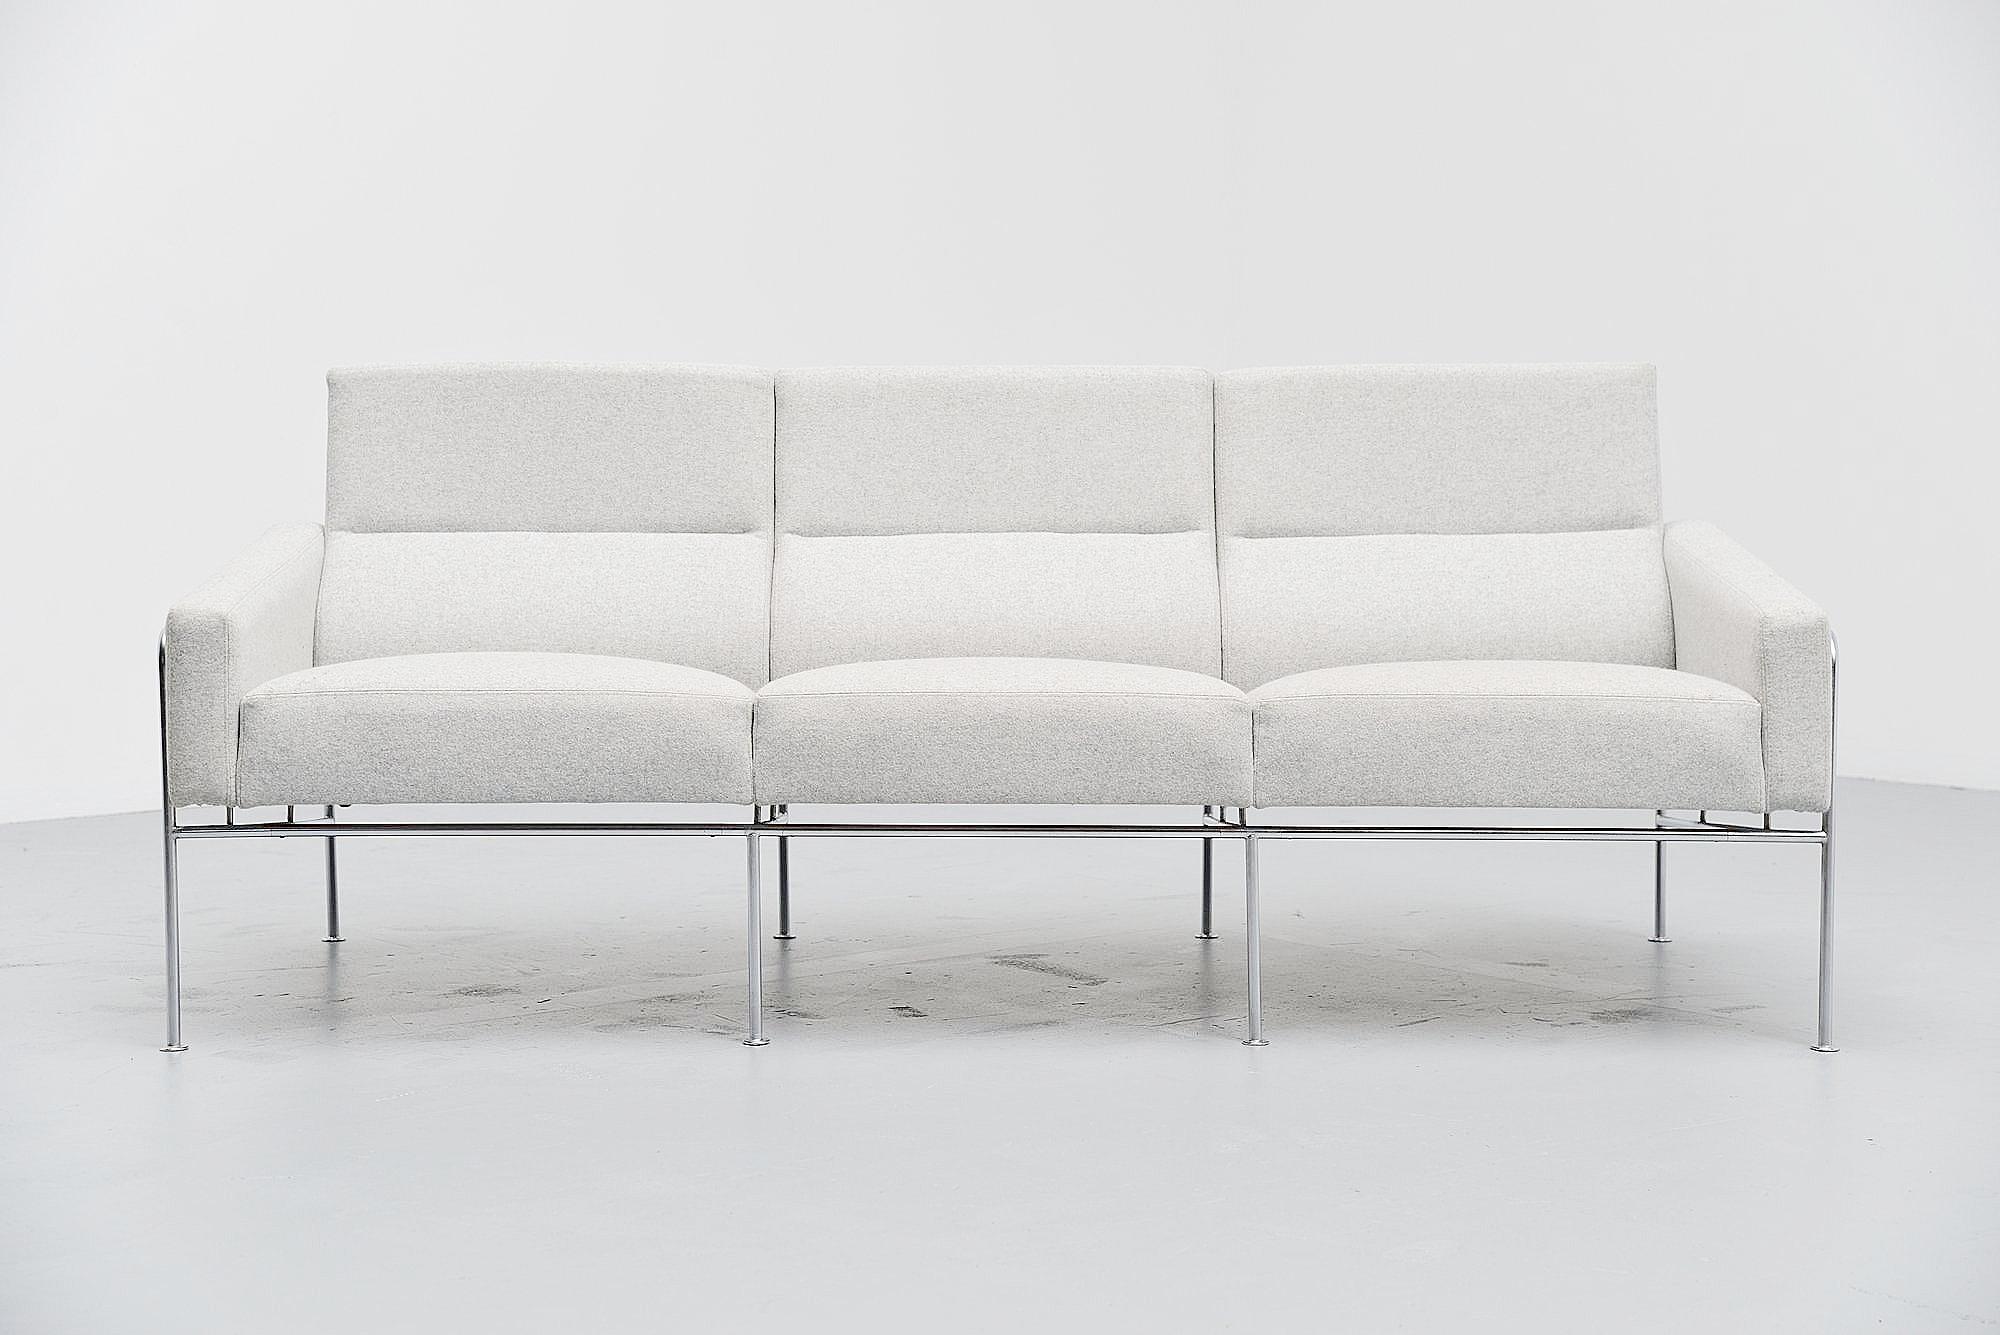 arne jacobsen sofa model 3300 3 fritz hansen denmark 1957 massmoderndesign